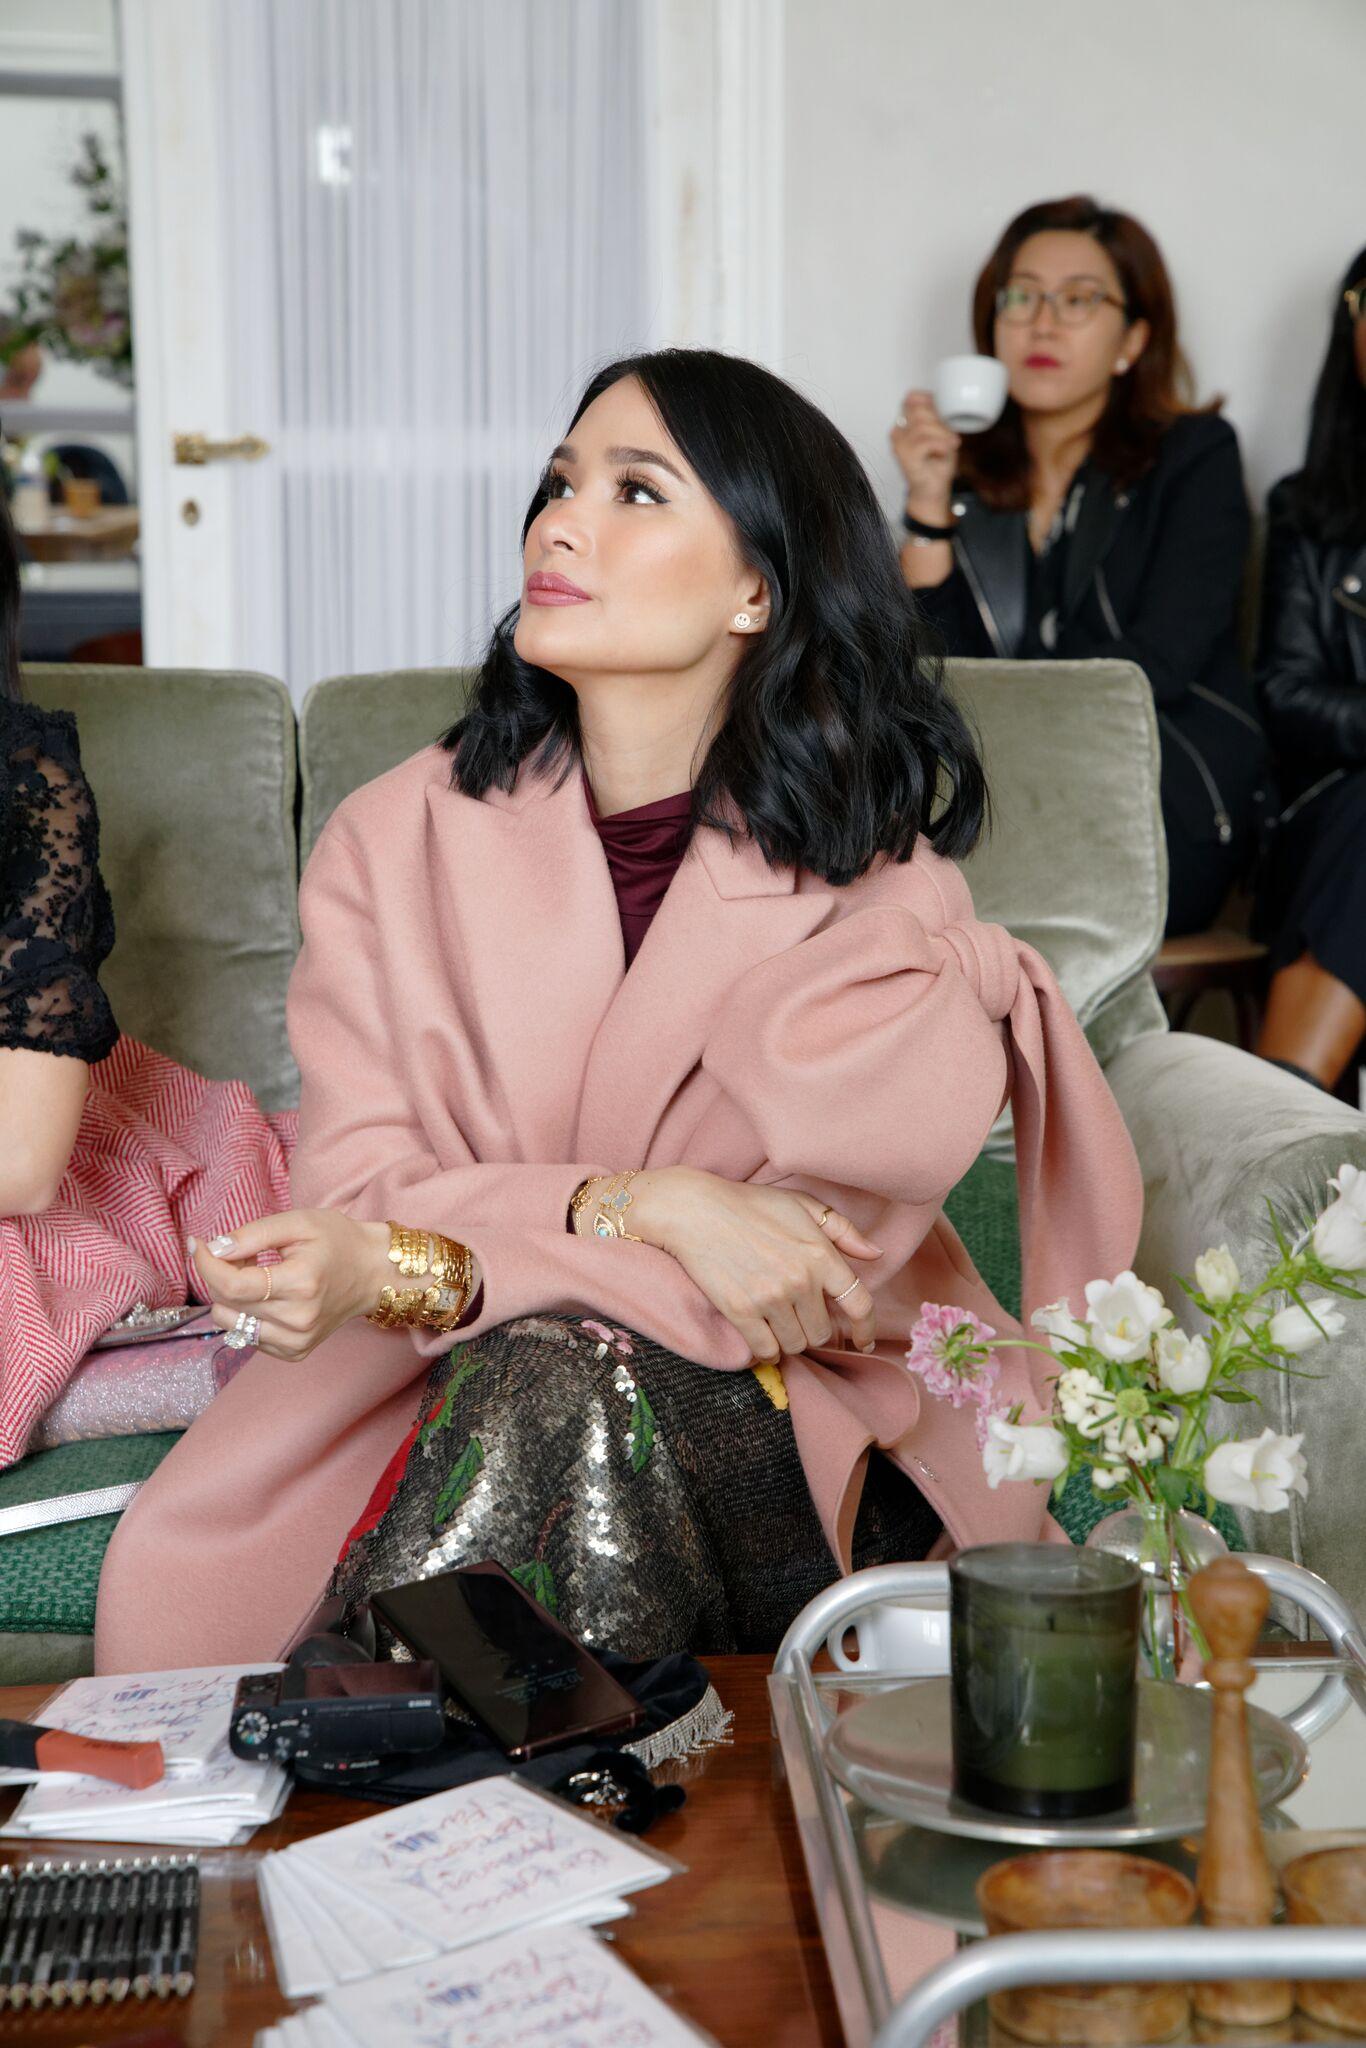 Đệ nhất rich-kid châu Á Evangelista Heart, Mai Davika Hoorne, Kỳ Duyên cùng dàn người đẹp quy tụ tại Paris Fashion Week - Ảnh 2.